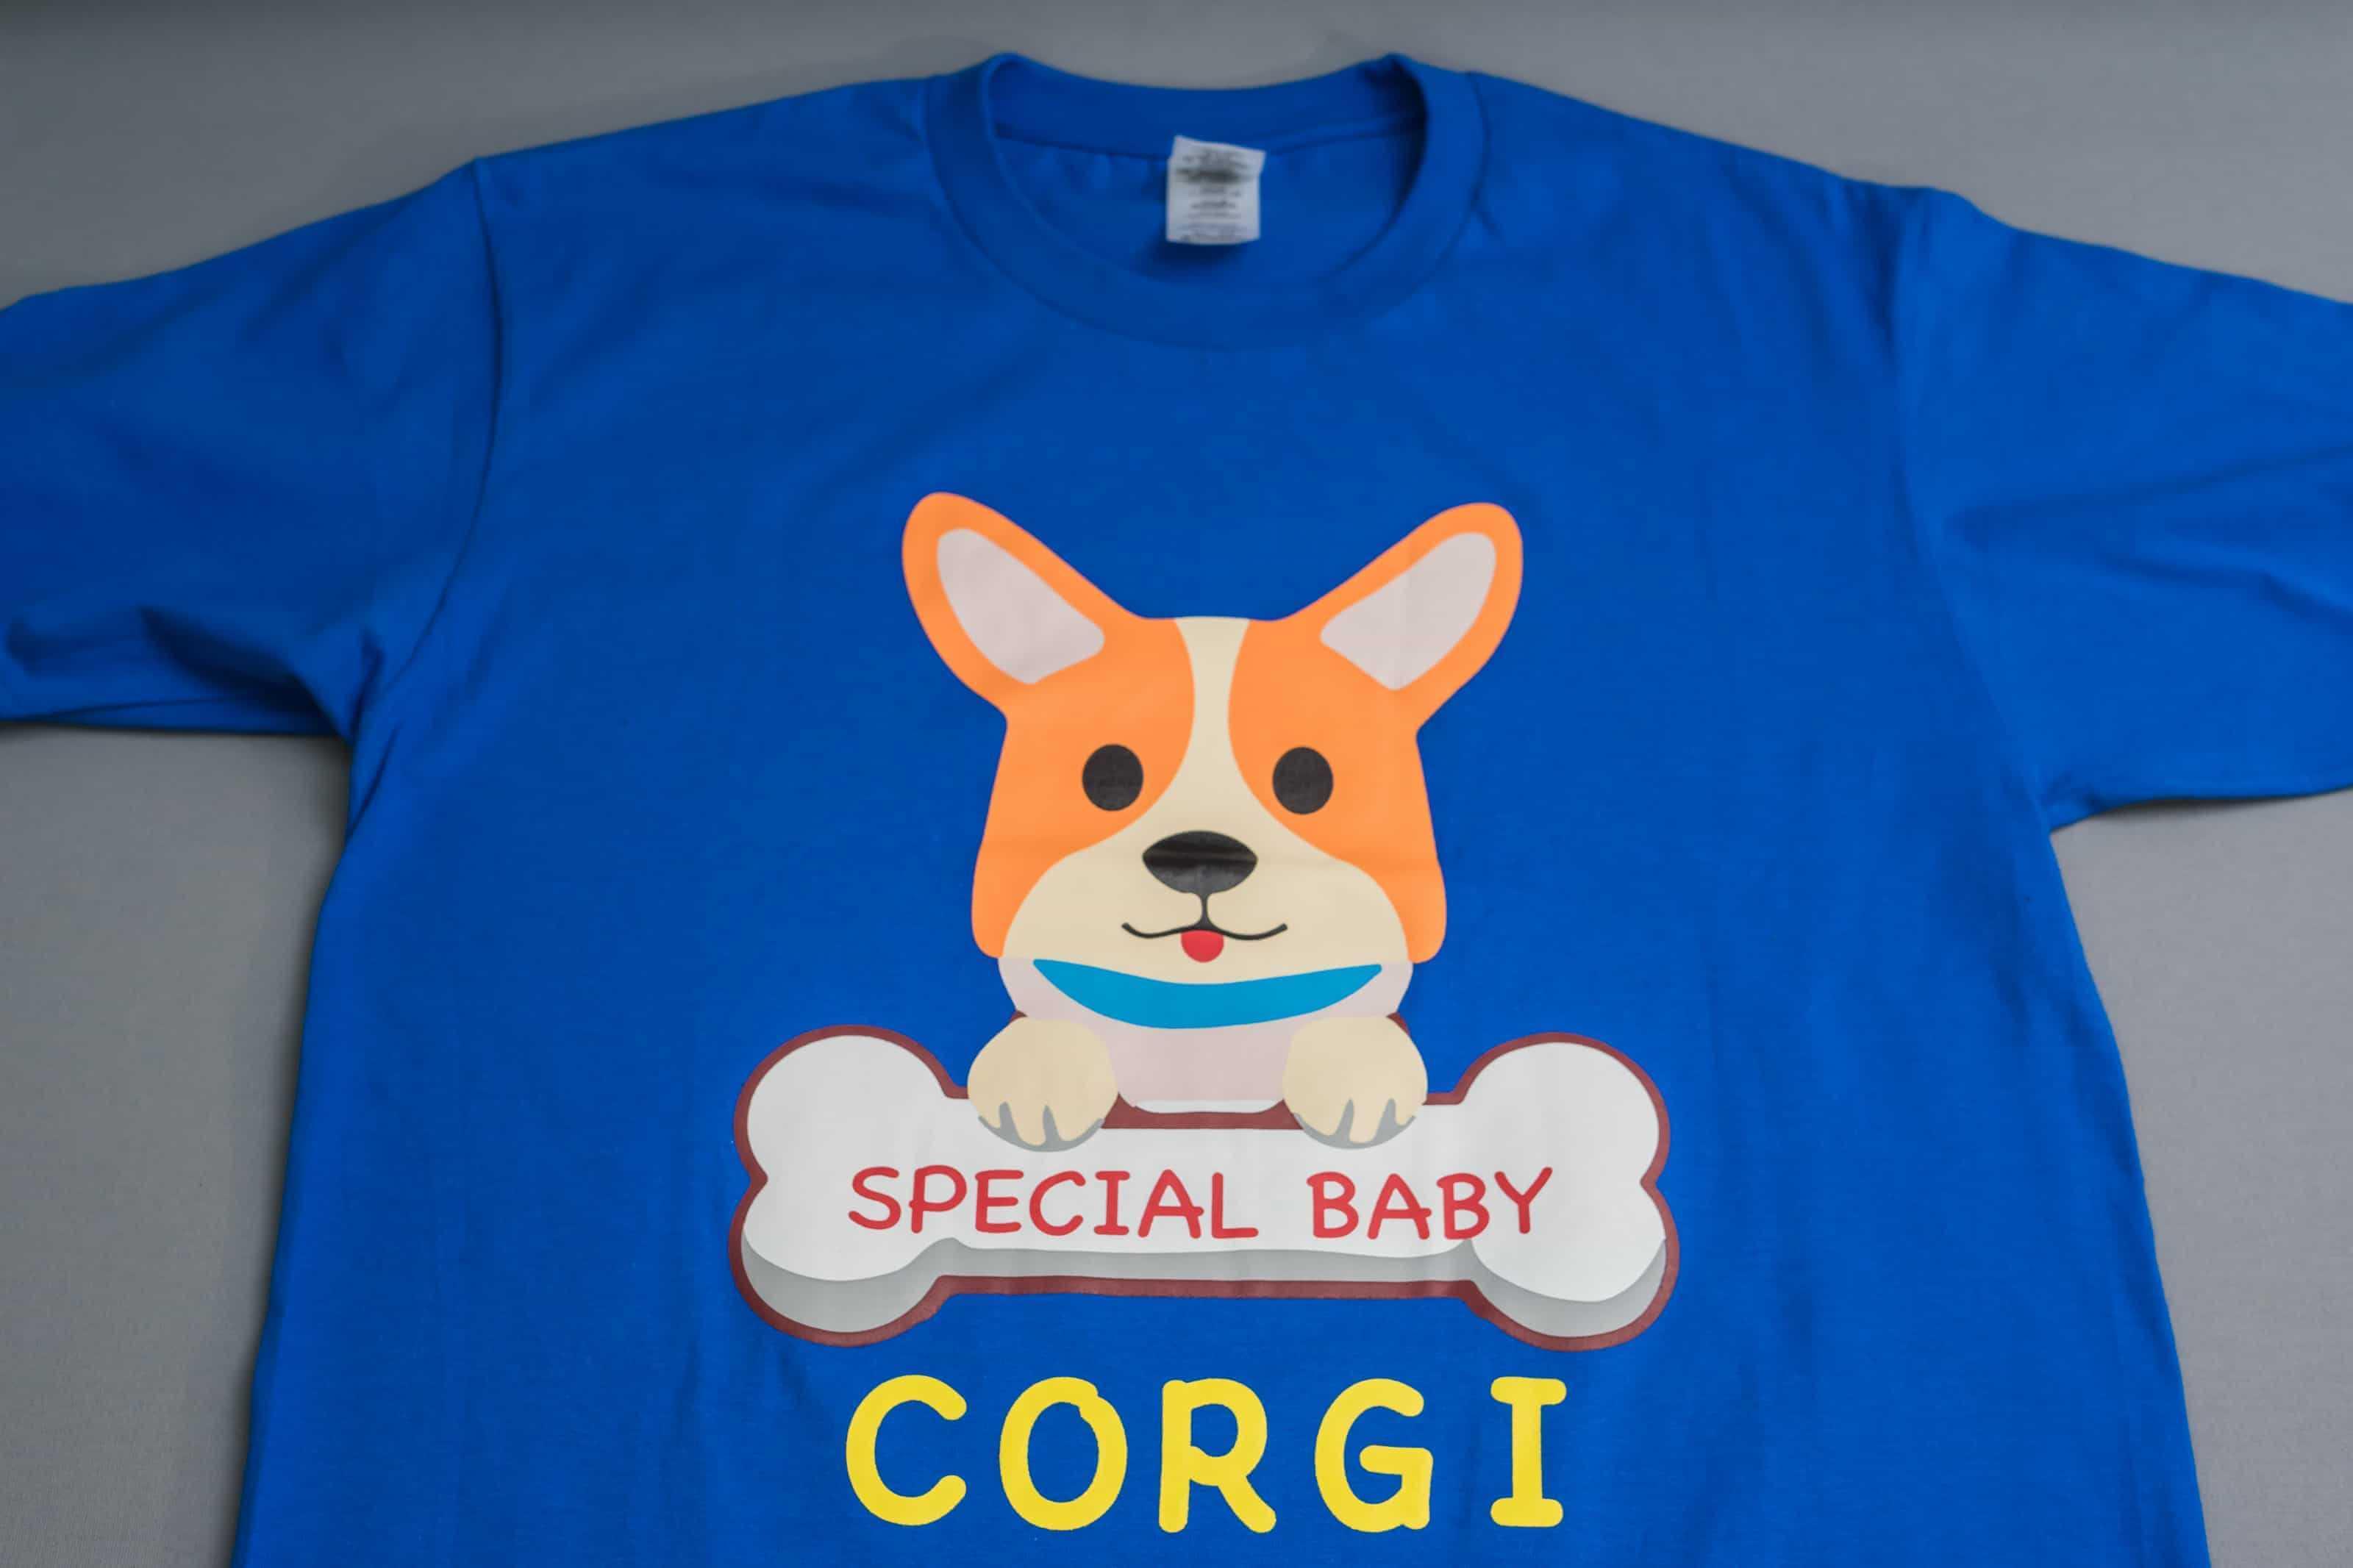 客製化T恤-CORGI 客製狗狗圖案T恤-創八製衣